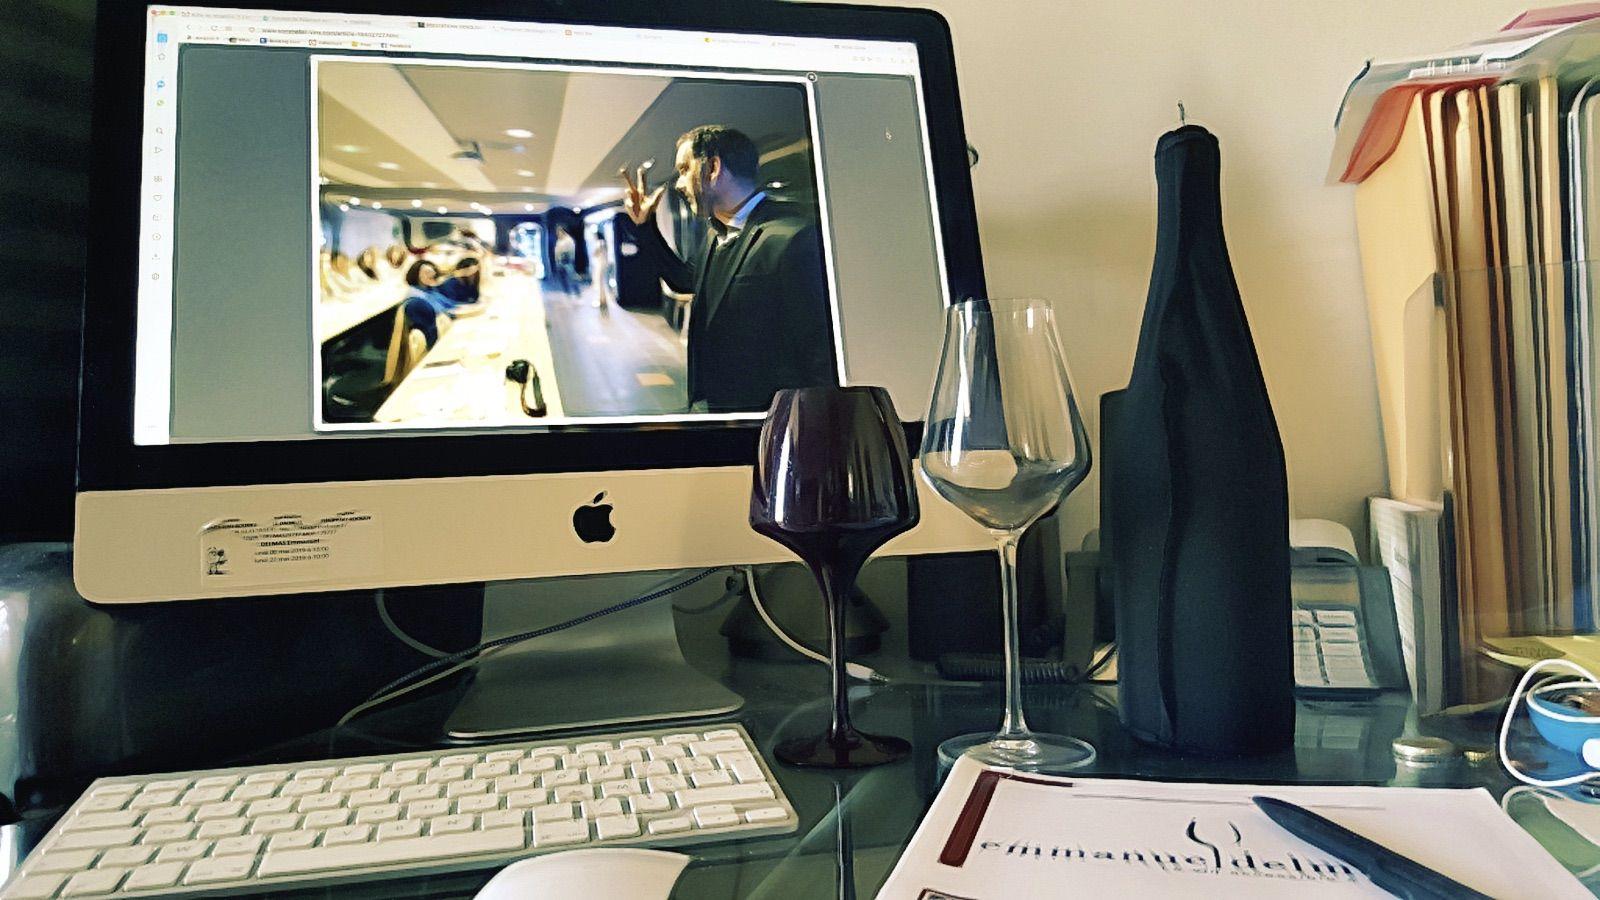 Le confinement offre l'occasion d'apprendre, de lire, de regarder et d'entendre vidéos, podcasts et magazines sur le vin, mais aussi de boire du vin, à distance, profitez-en!